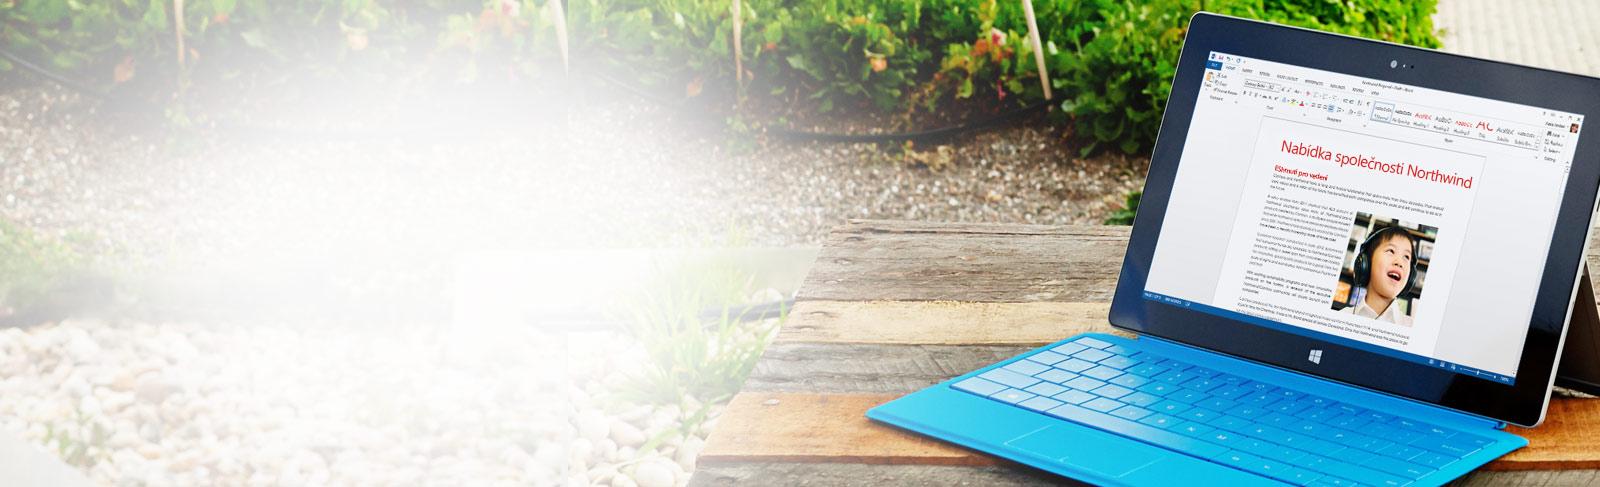 Pracovník píšící na klávesnici s dokumentem aplikace Word na obrazovce